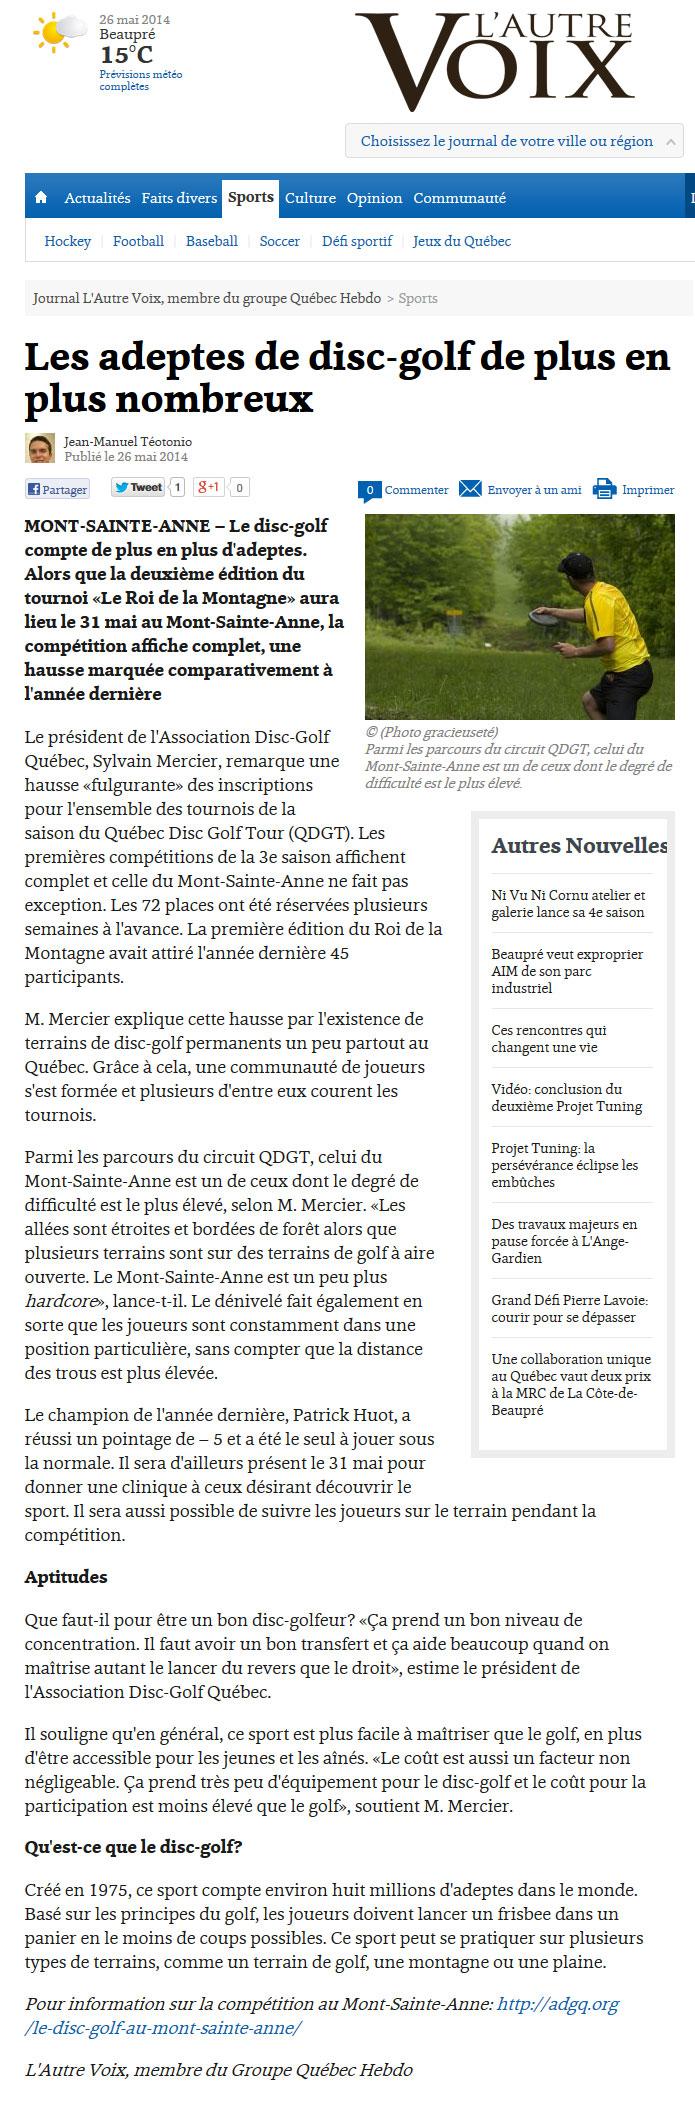 2014-05-26-Les-adeptes-de-disc-golf-Sports-Journal-L-Autre-Voix